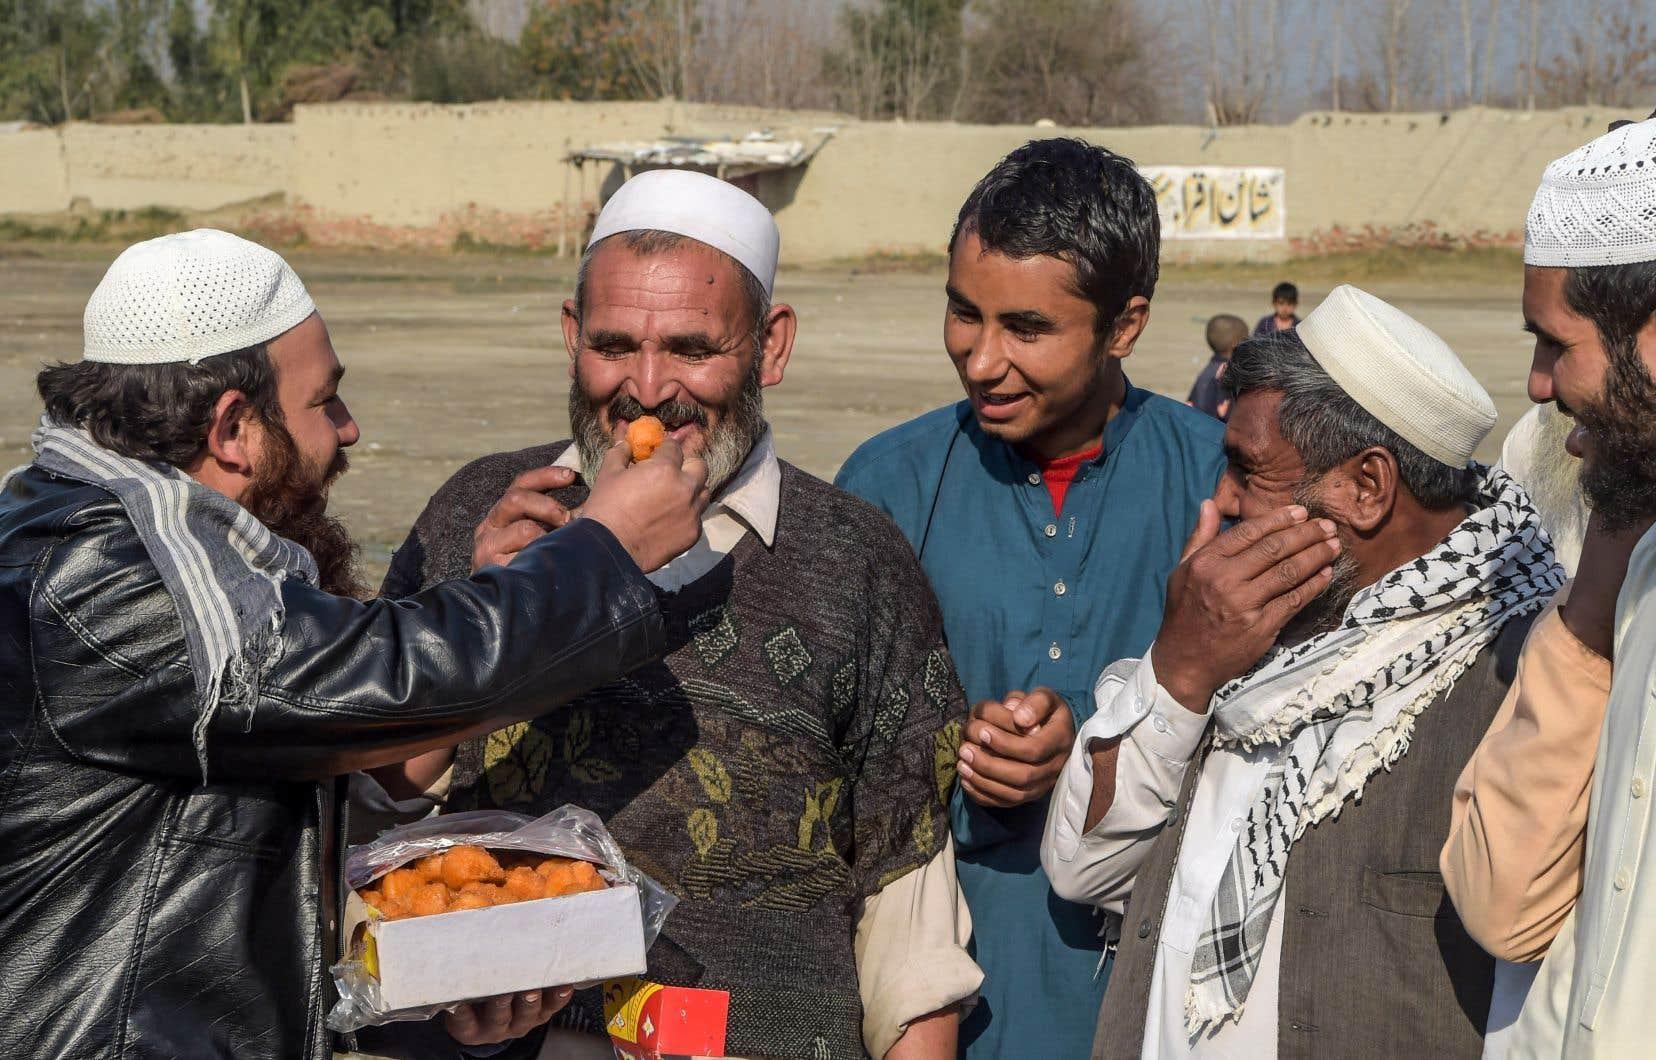 Dans le camp de réfugiés deKhurasan, en banlieue de Peshawar,un homme distribue des pâtisseries pour célébrer la «réduction des violences».